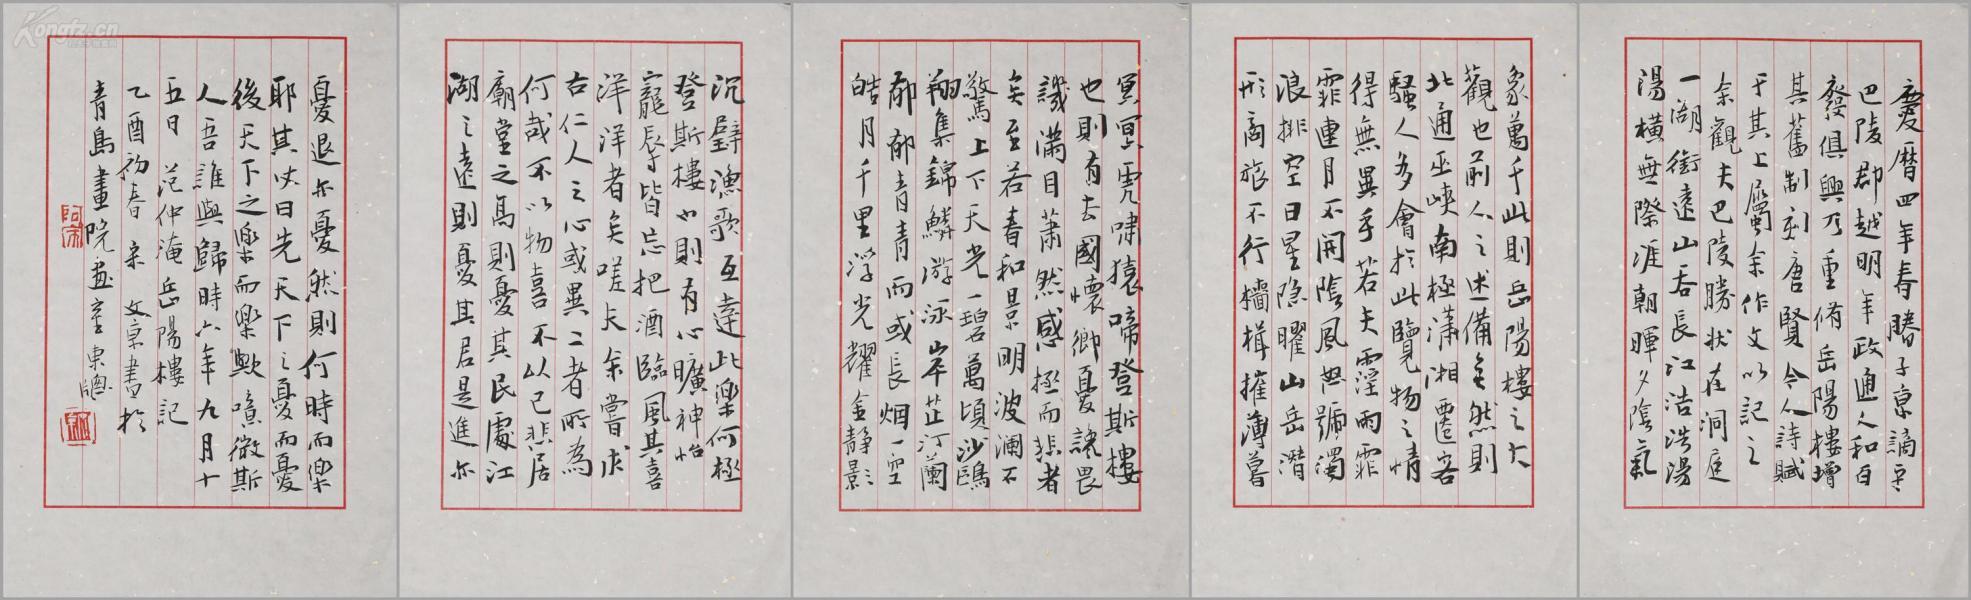 青島市書法家協會副主席 【 宋文京 】 書法冊頁5張一套